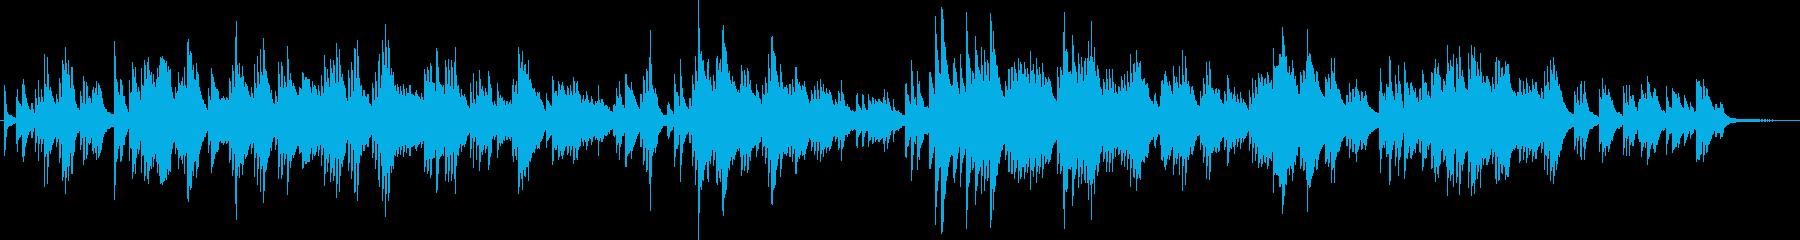 儚げで切ないメロディーの ピアノソロの再生済みの波形